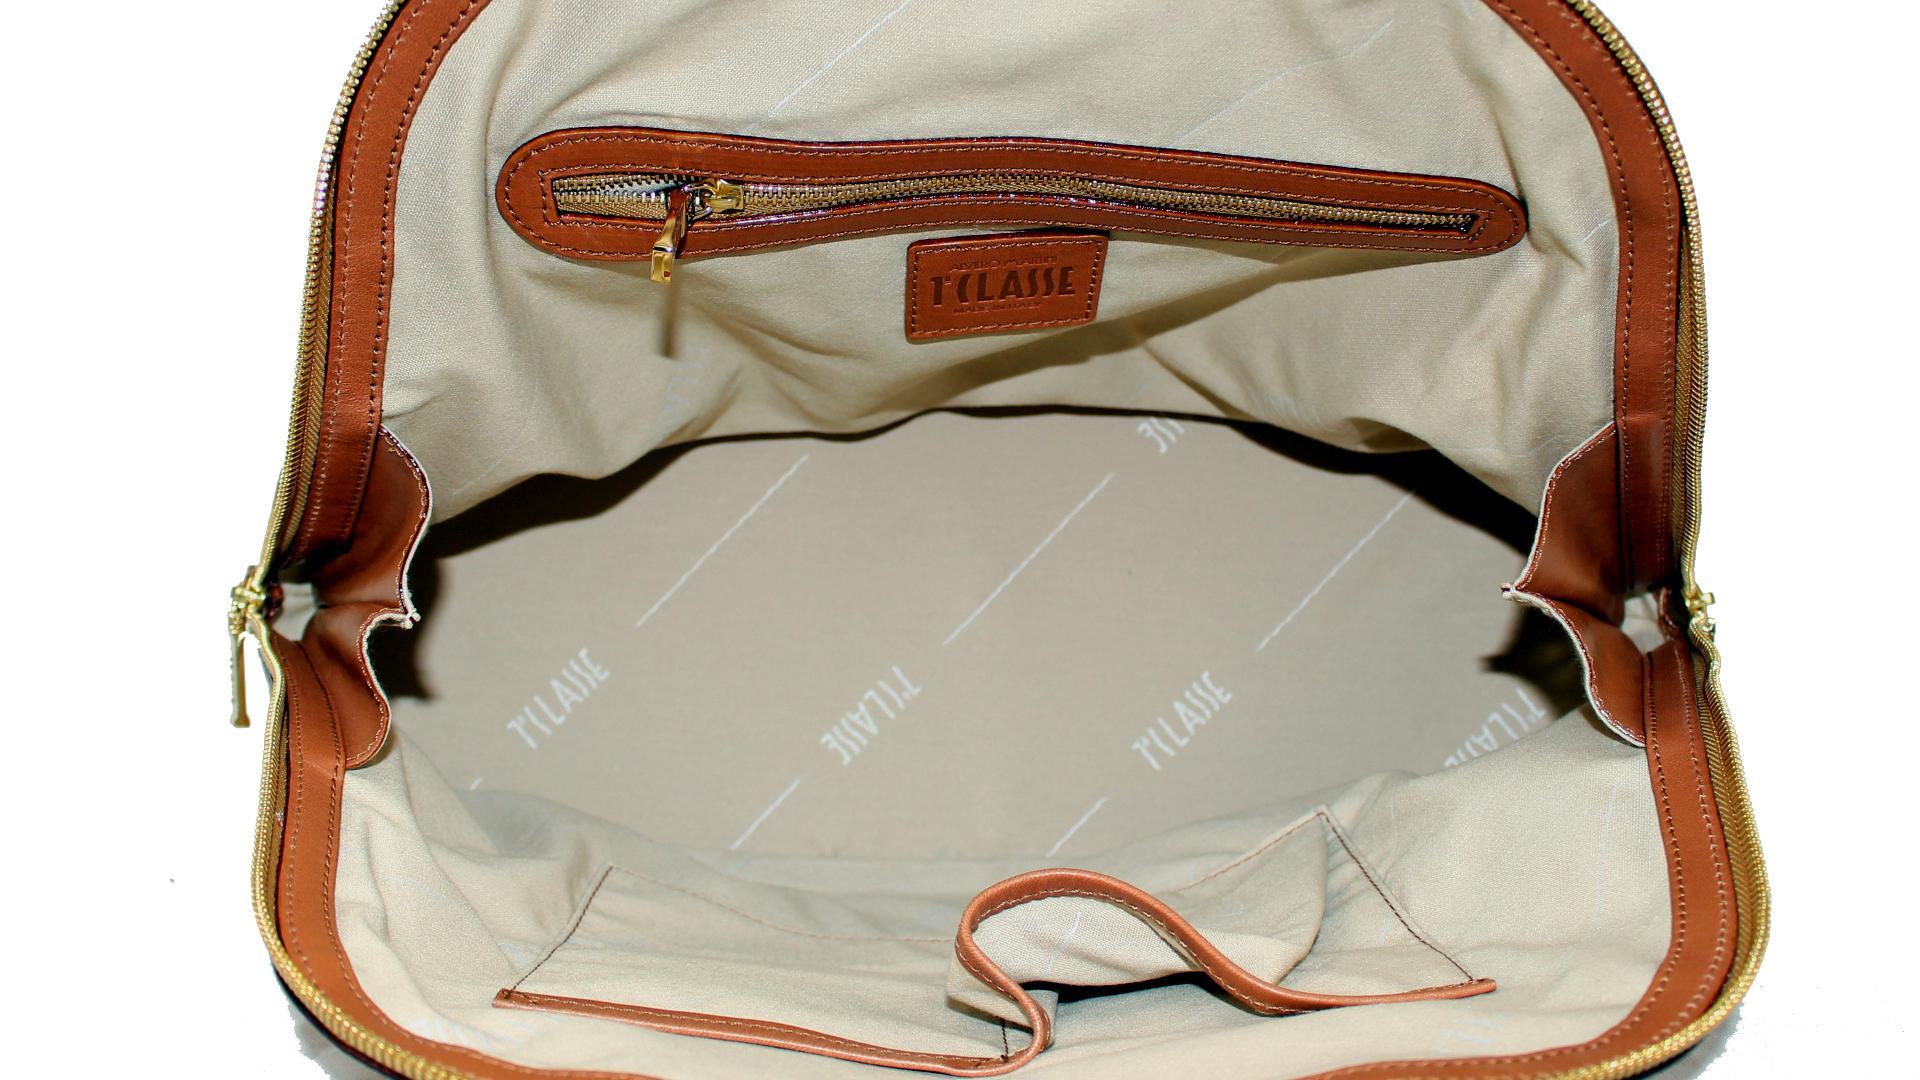 Hand bag  Alviero Martini 1A Classe New Classic D019 6000 010 Classico